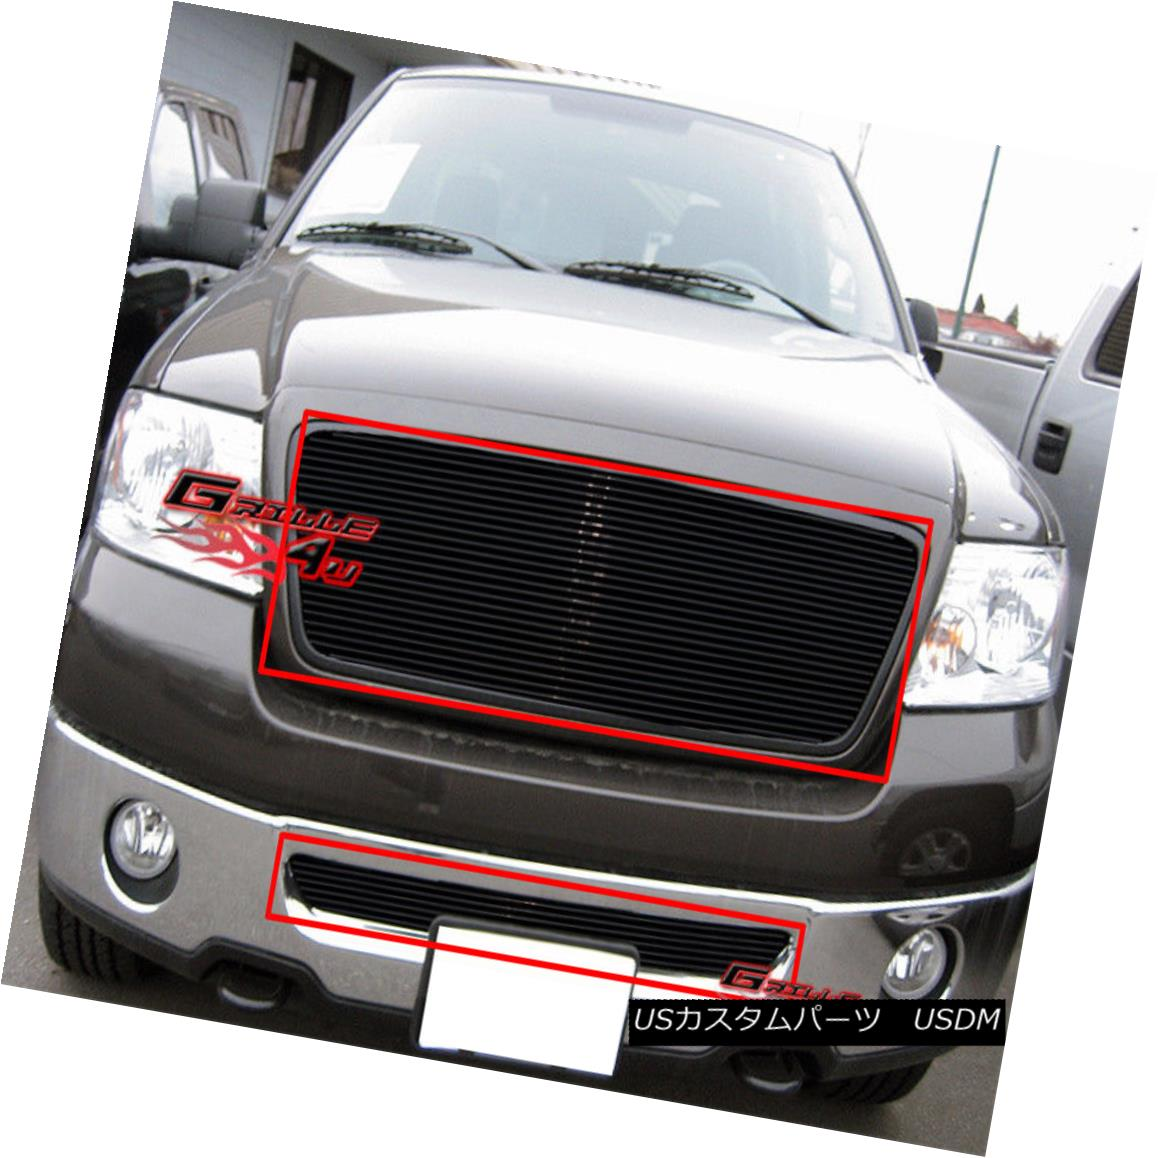 グリル Fits 06-08 Ford F-150 Honeycomb Style Black Billet Grille Combo Insert フィット06-08 Ford F - 150ハニカムスタイルブラックビレットグリルコンボインサート